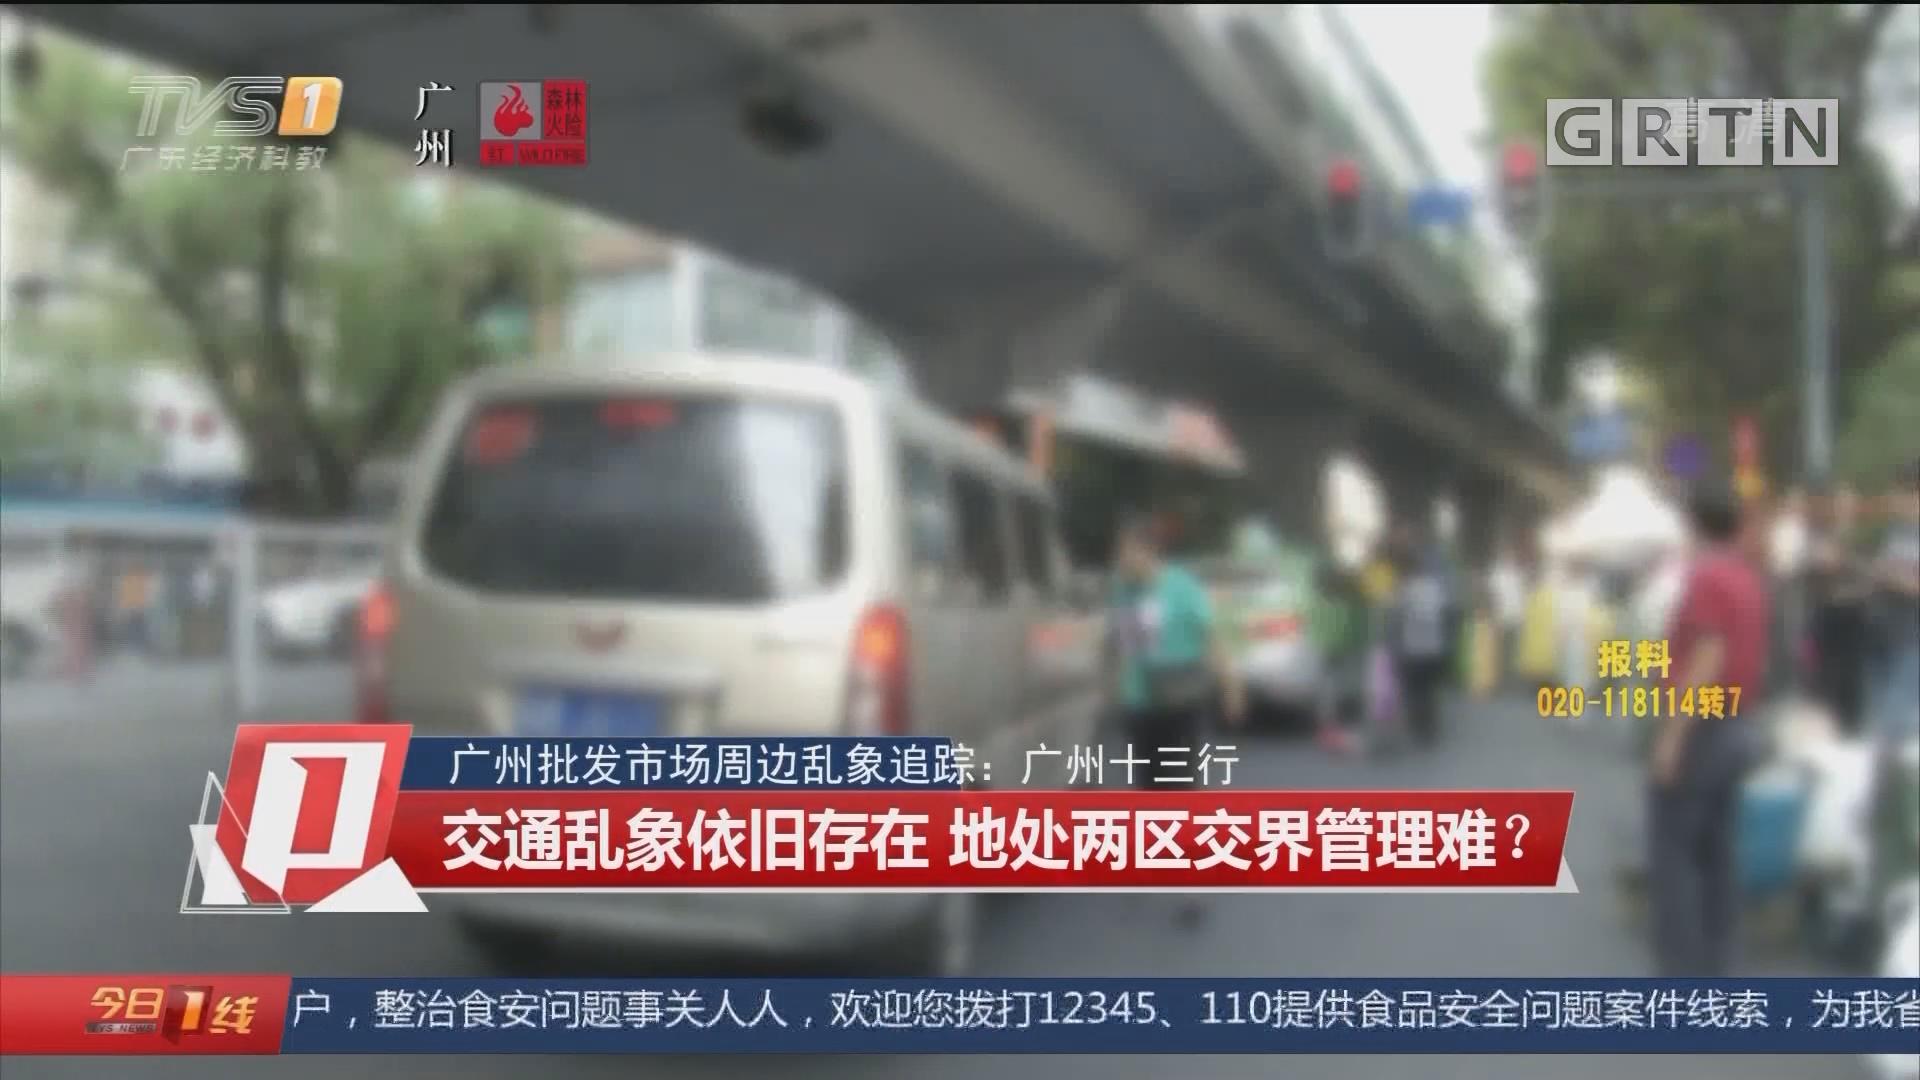 广州批发市场周边乱象追踪:广州十三行 交通乱象依旧存在 地处两区交界管理难?